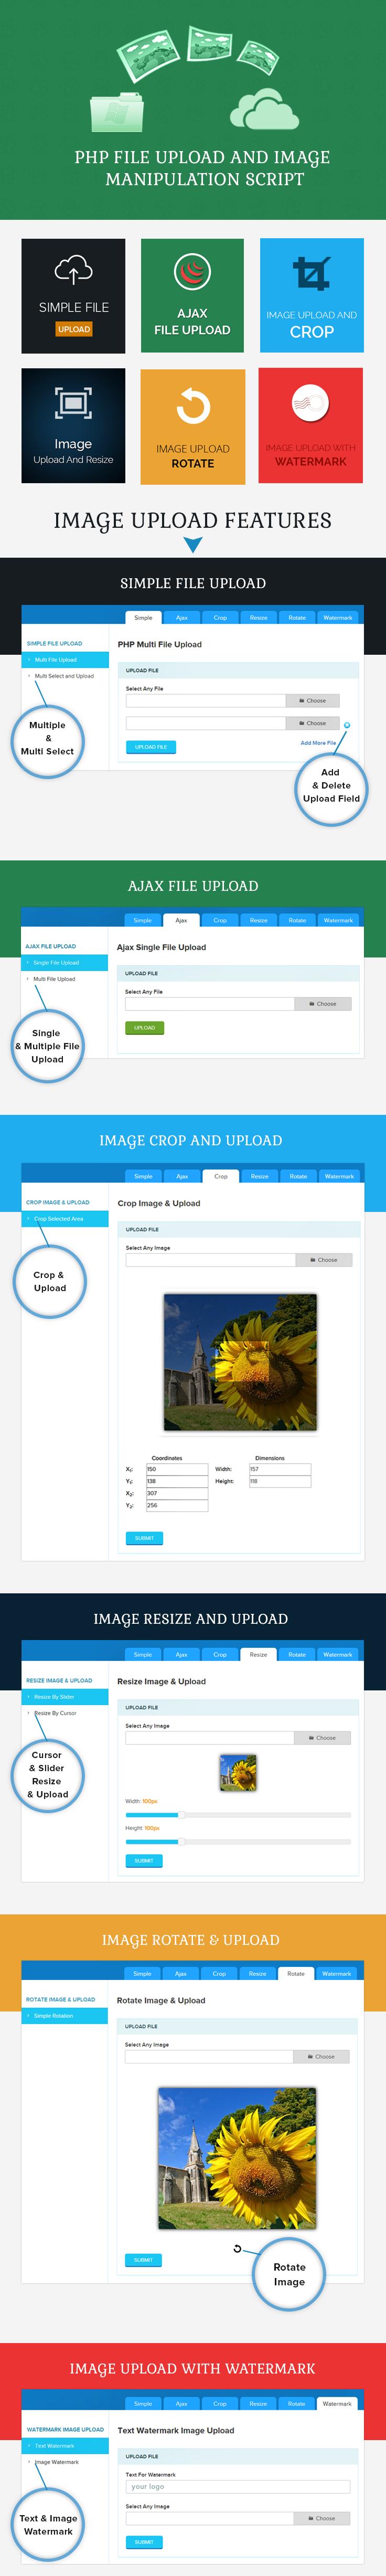 php-Image-Upload